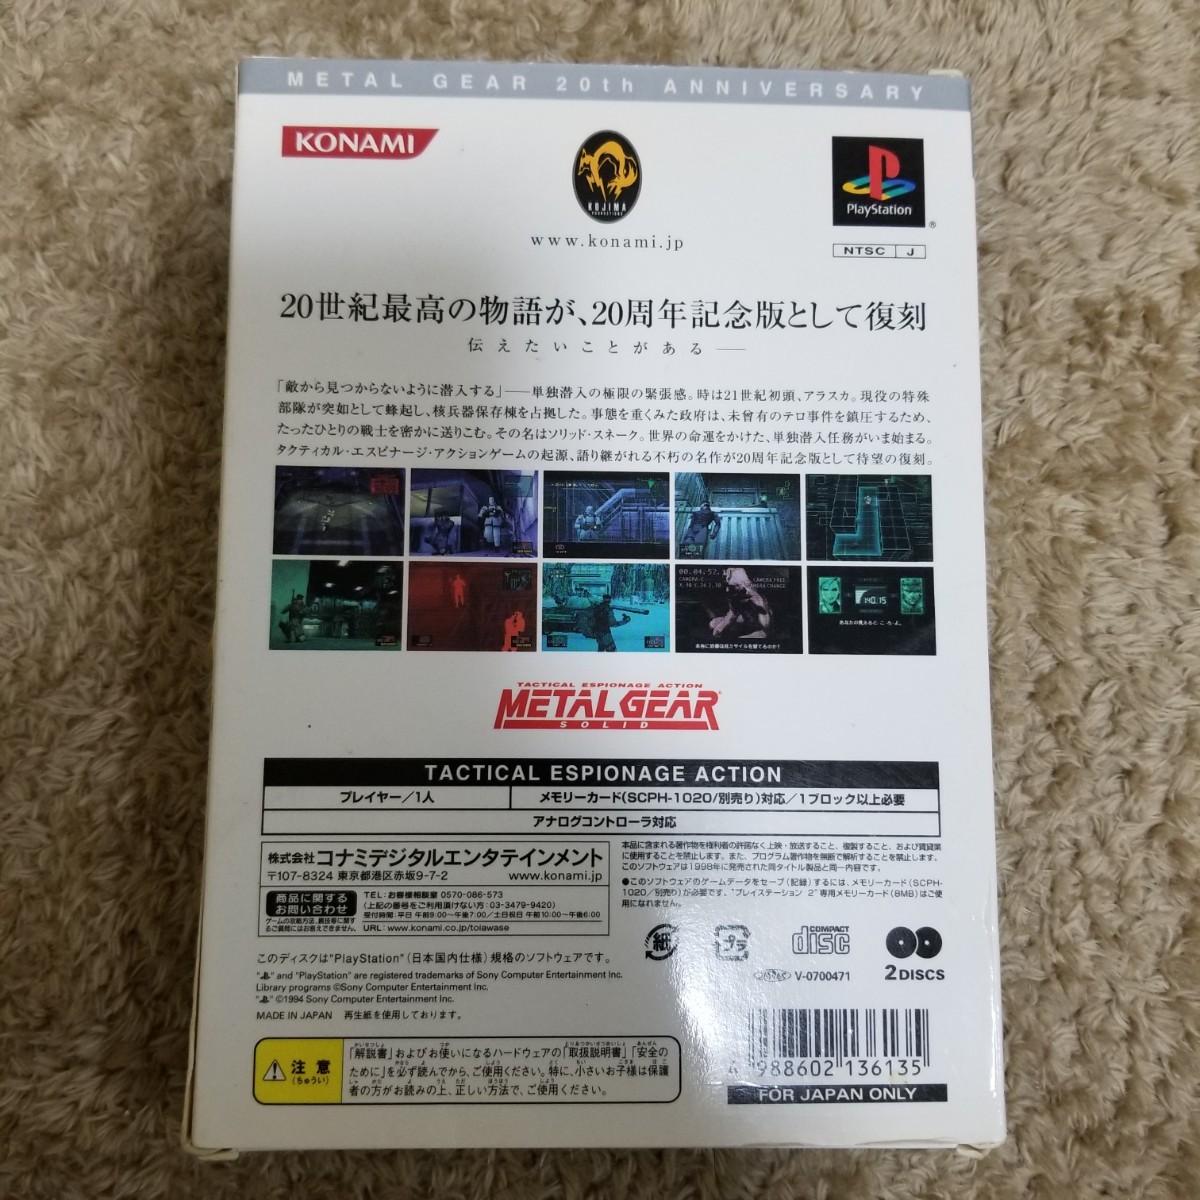 メタルギア 20th アニバーサリー メタルギア ソリッド  プレイステーション PS